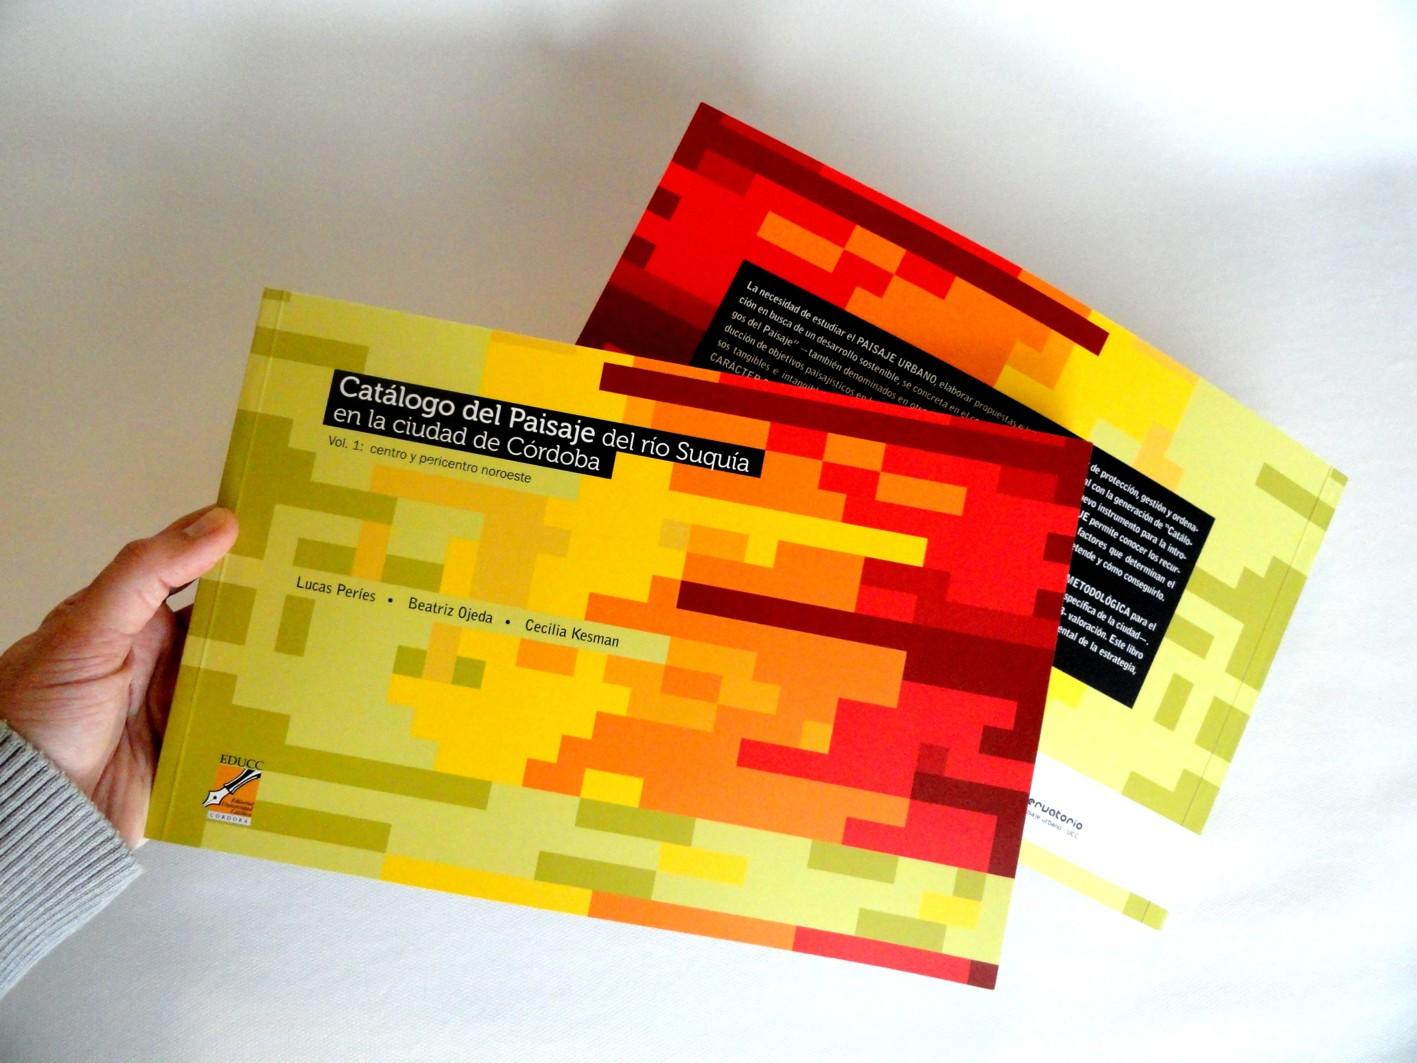 Arquitectura critica libro cat logo del paisaje del r o for Catalogo arquitectura